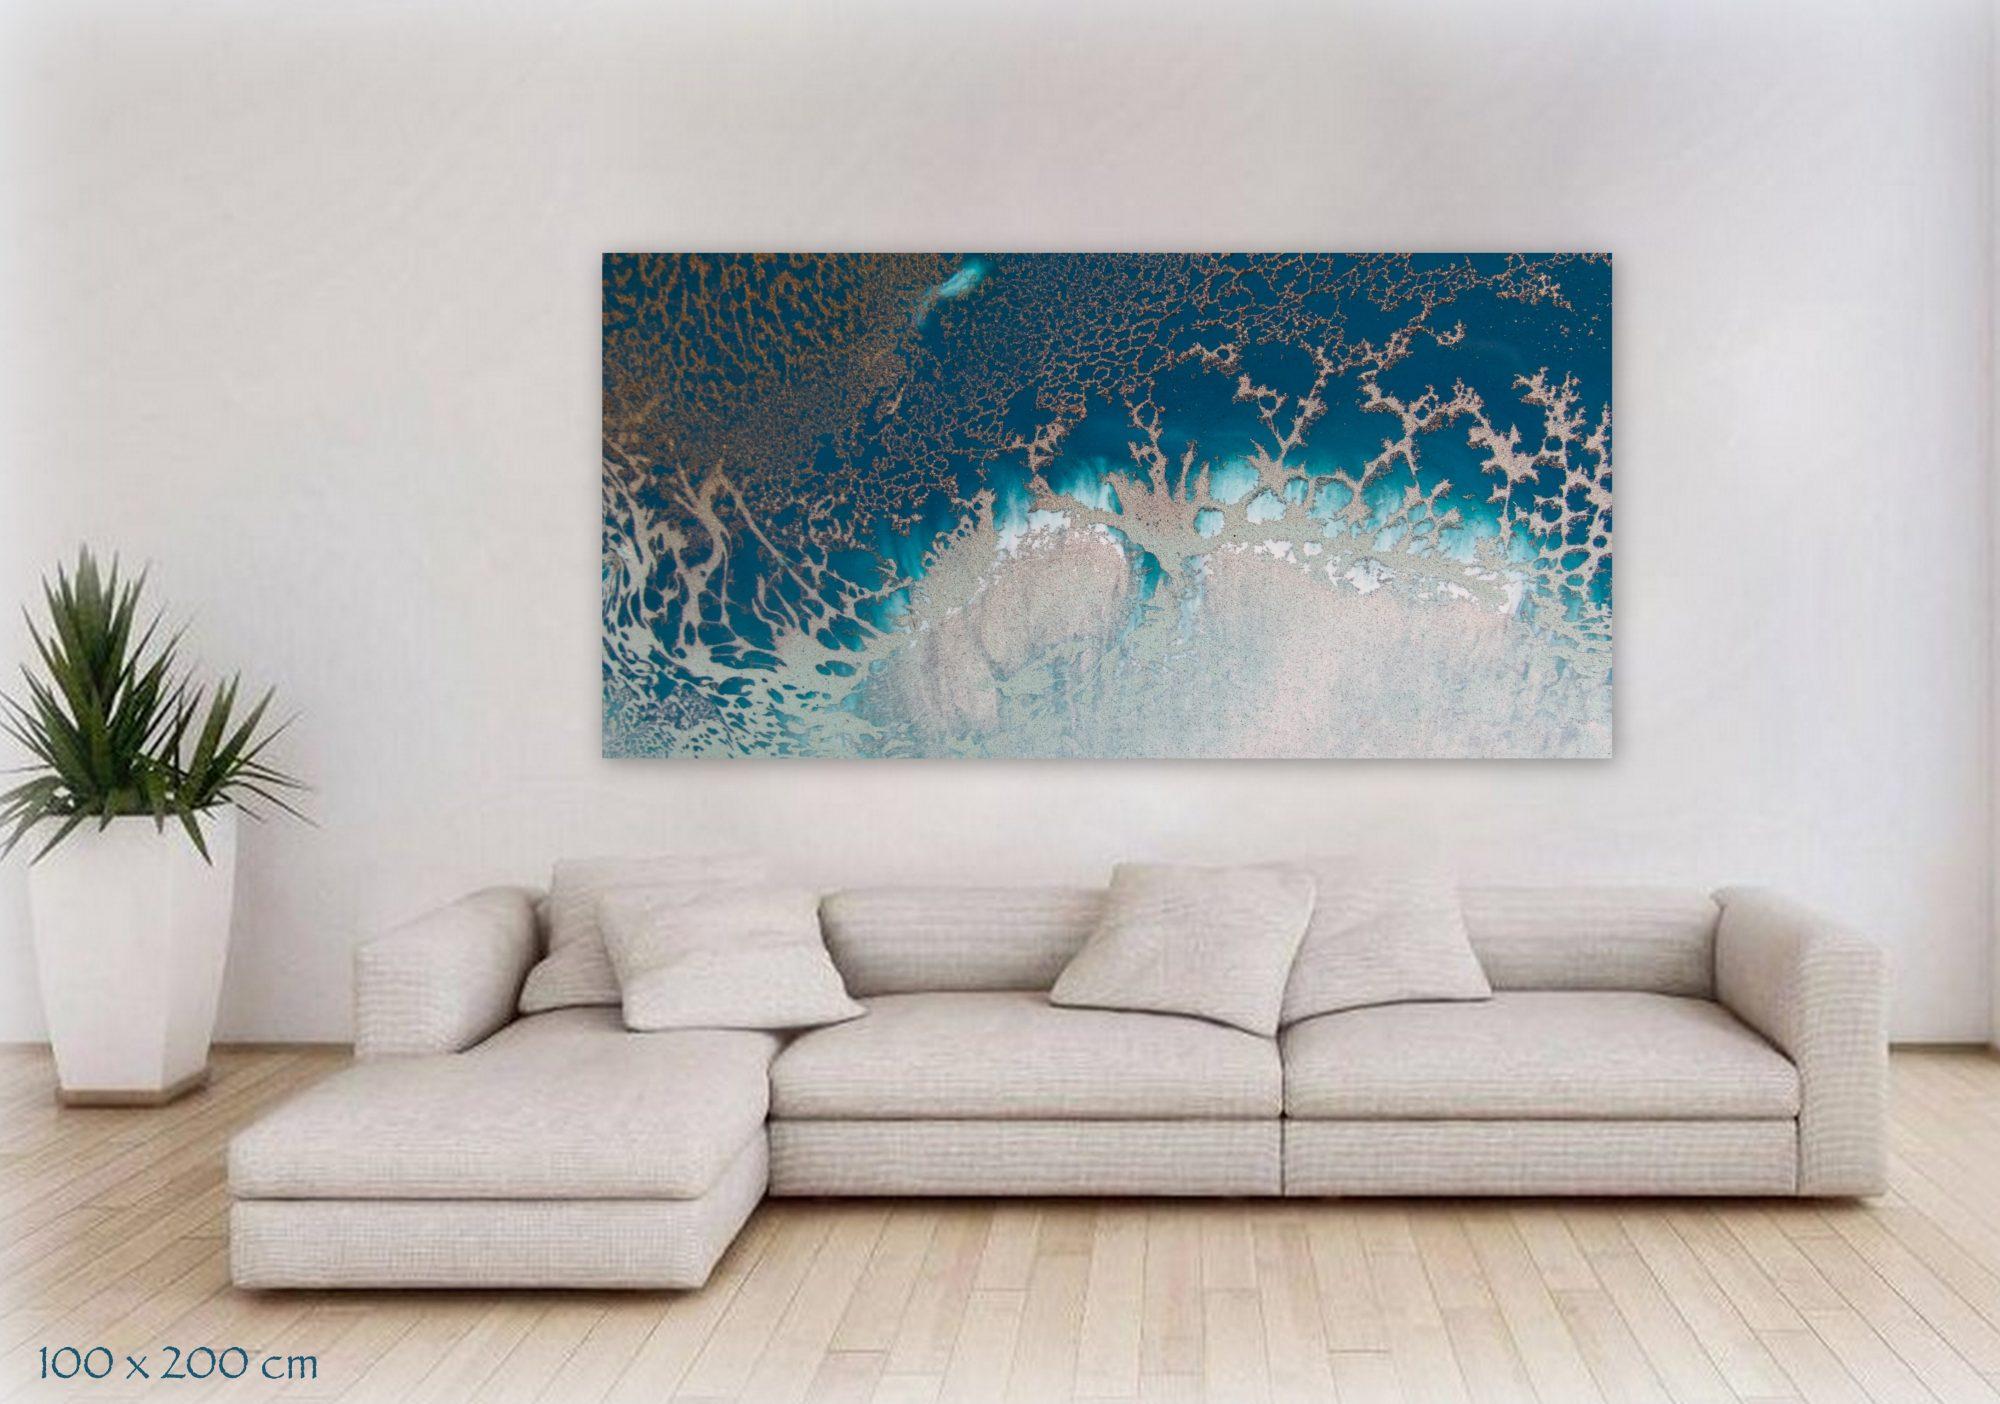 Reefscape Canvas Art Print For Sale By Petra Meikle De Vlas.jpg12